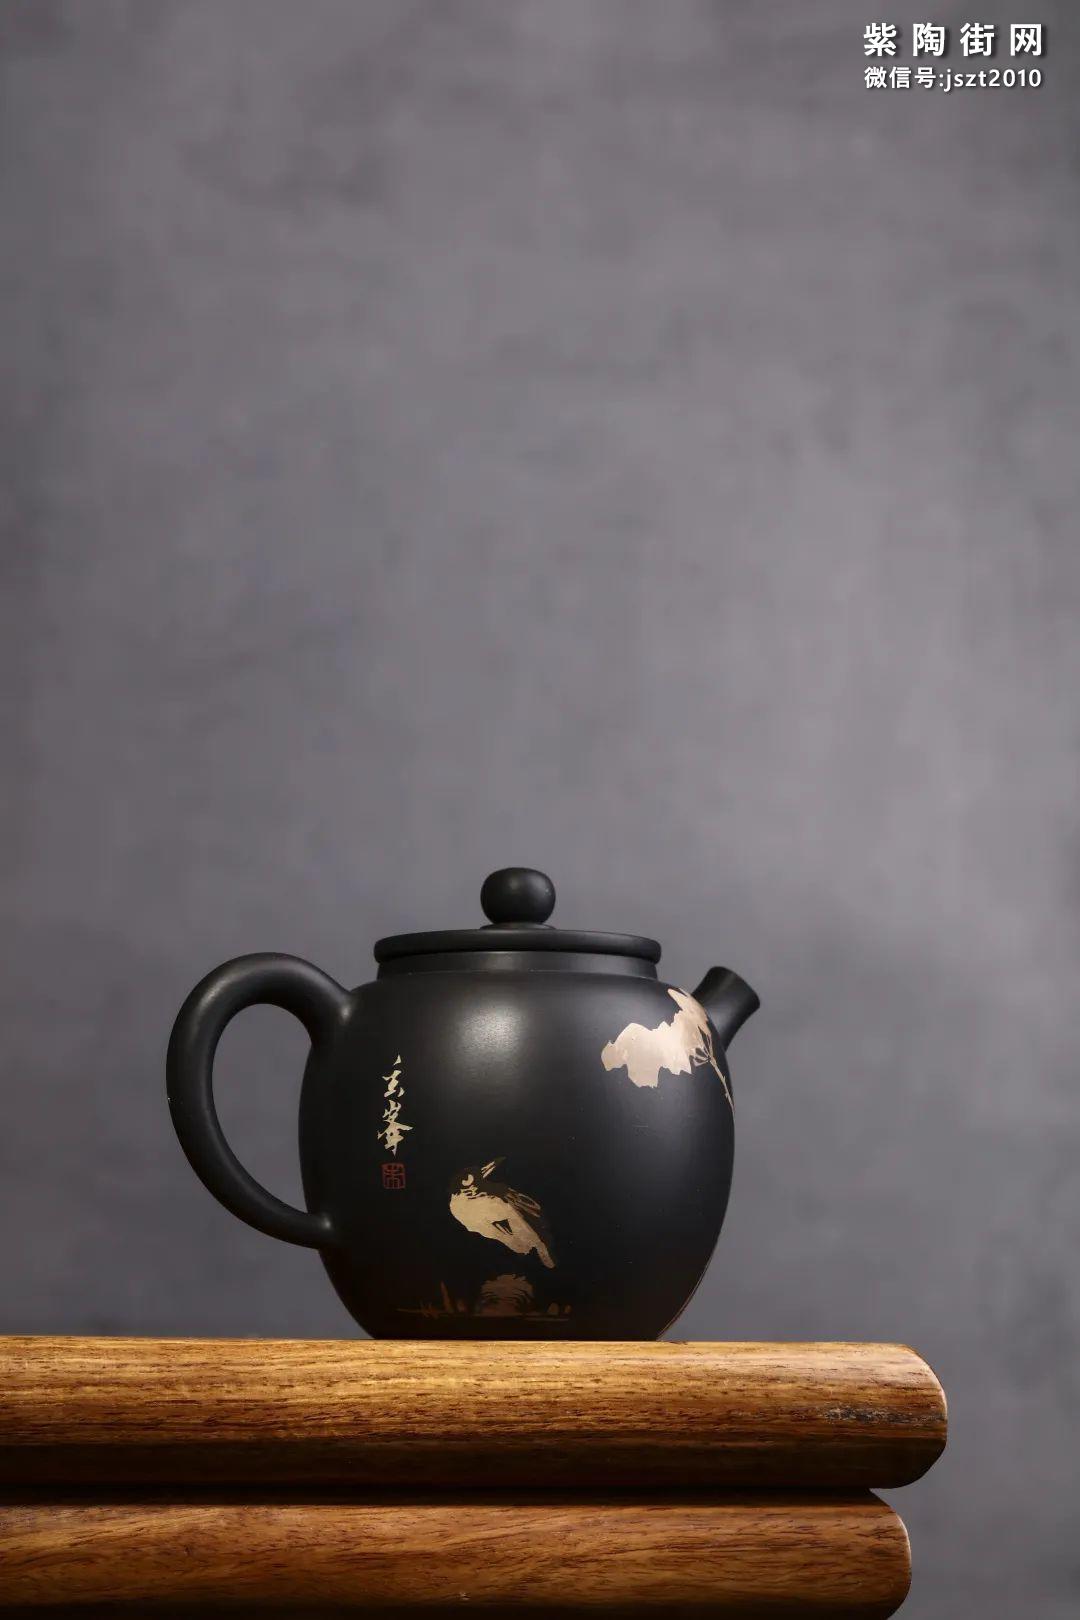 朱玄峰建水紫陶壶欣赏插图7